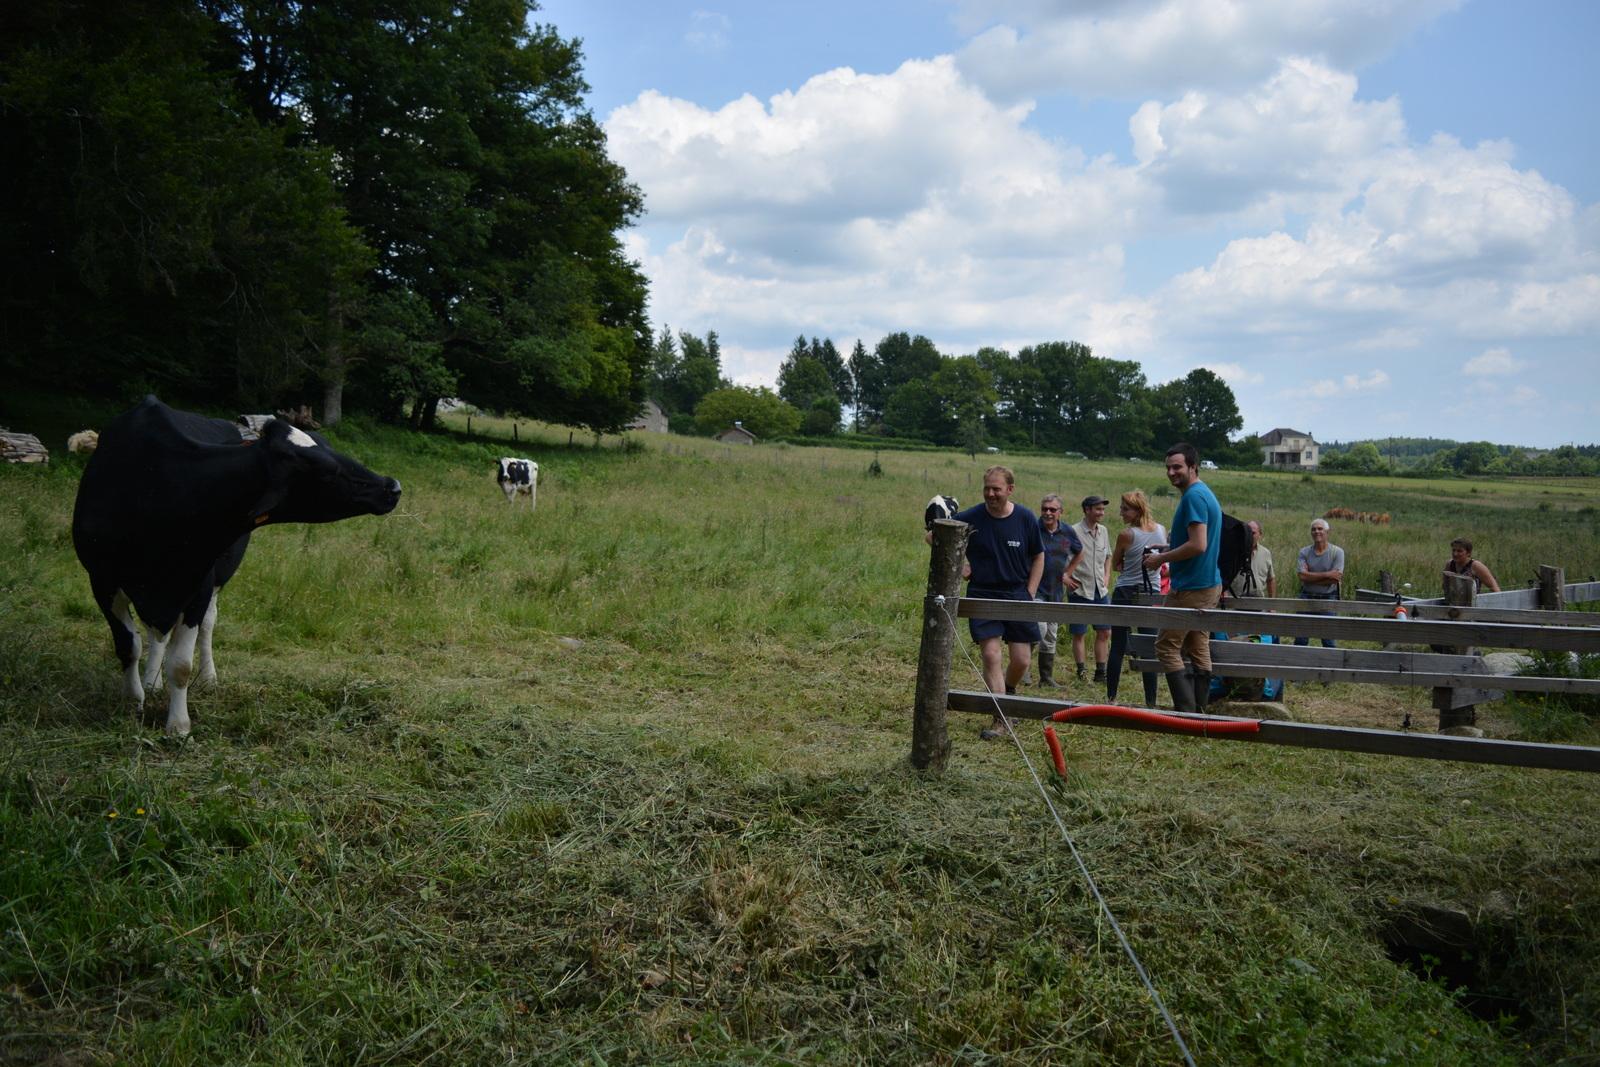 Timide, la vache laitière n'a pas voulu s'approcher pour montrer comment fonctionne la descente aménagée